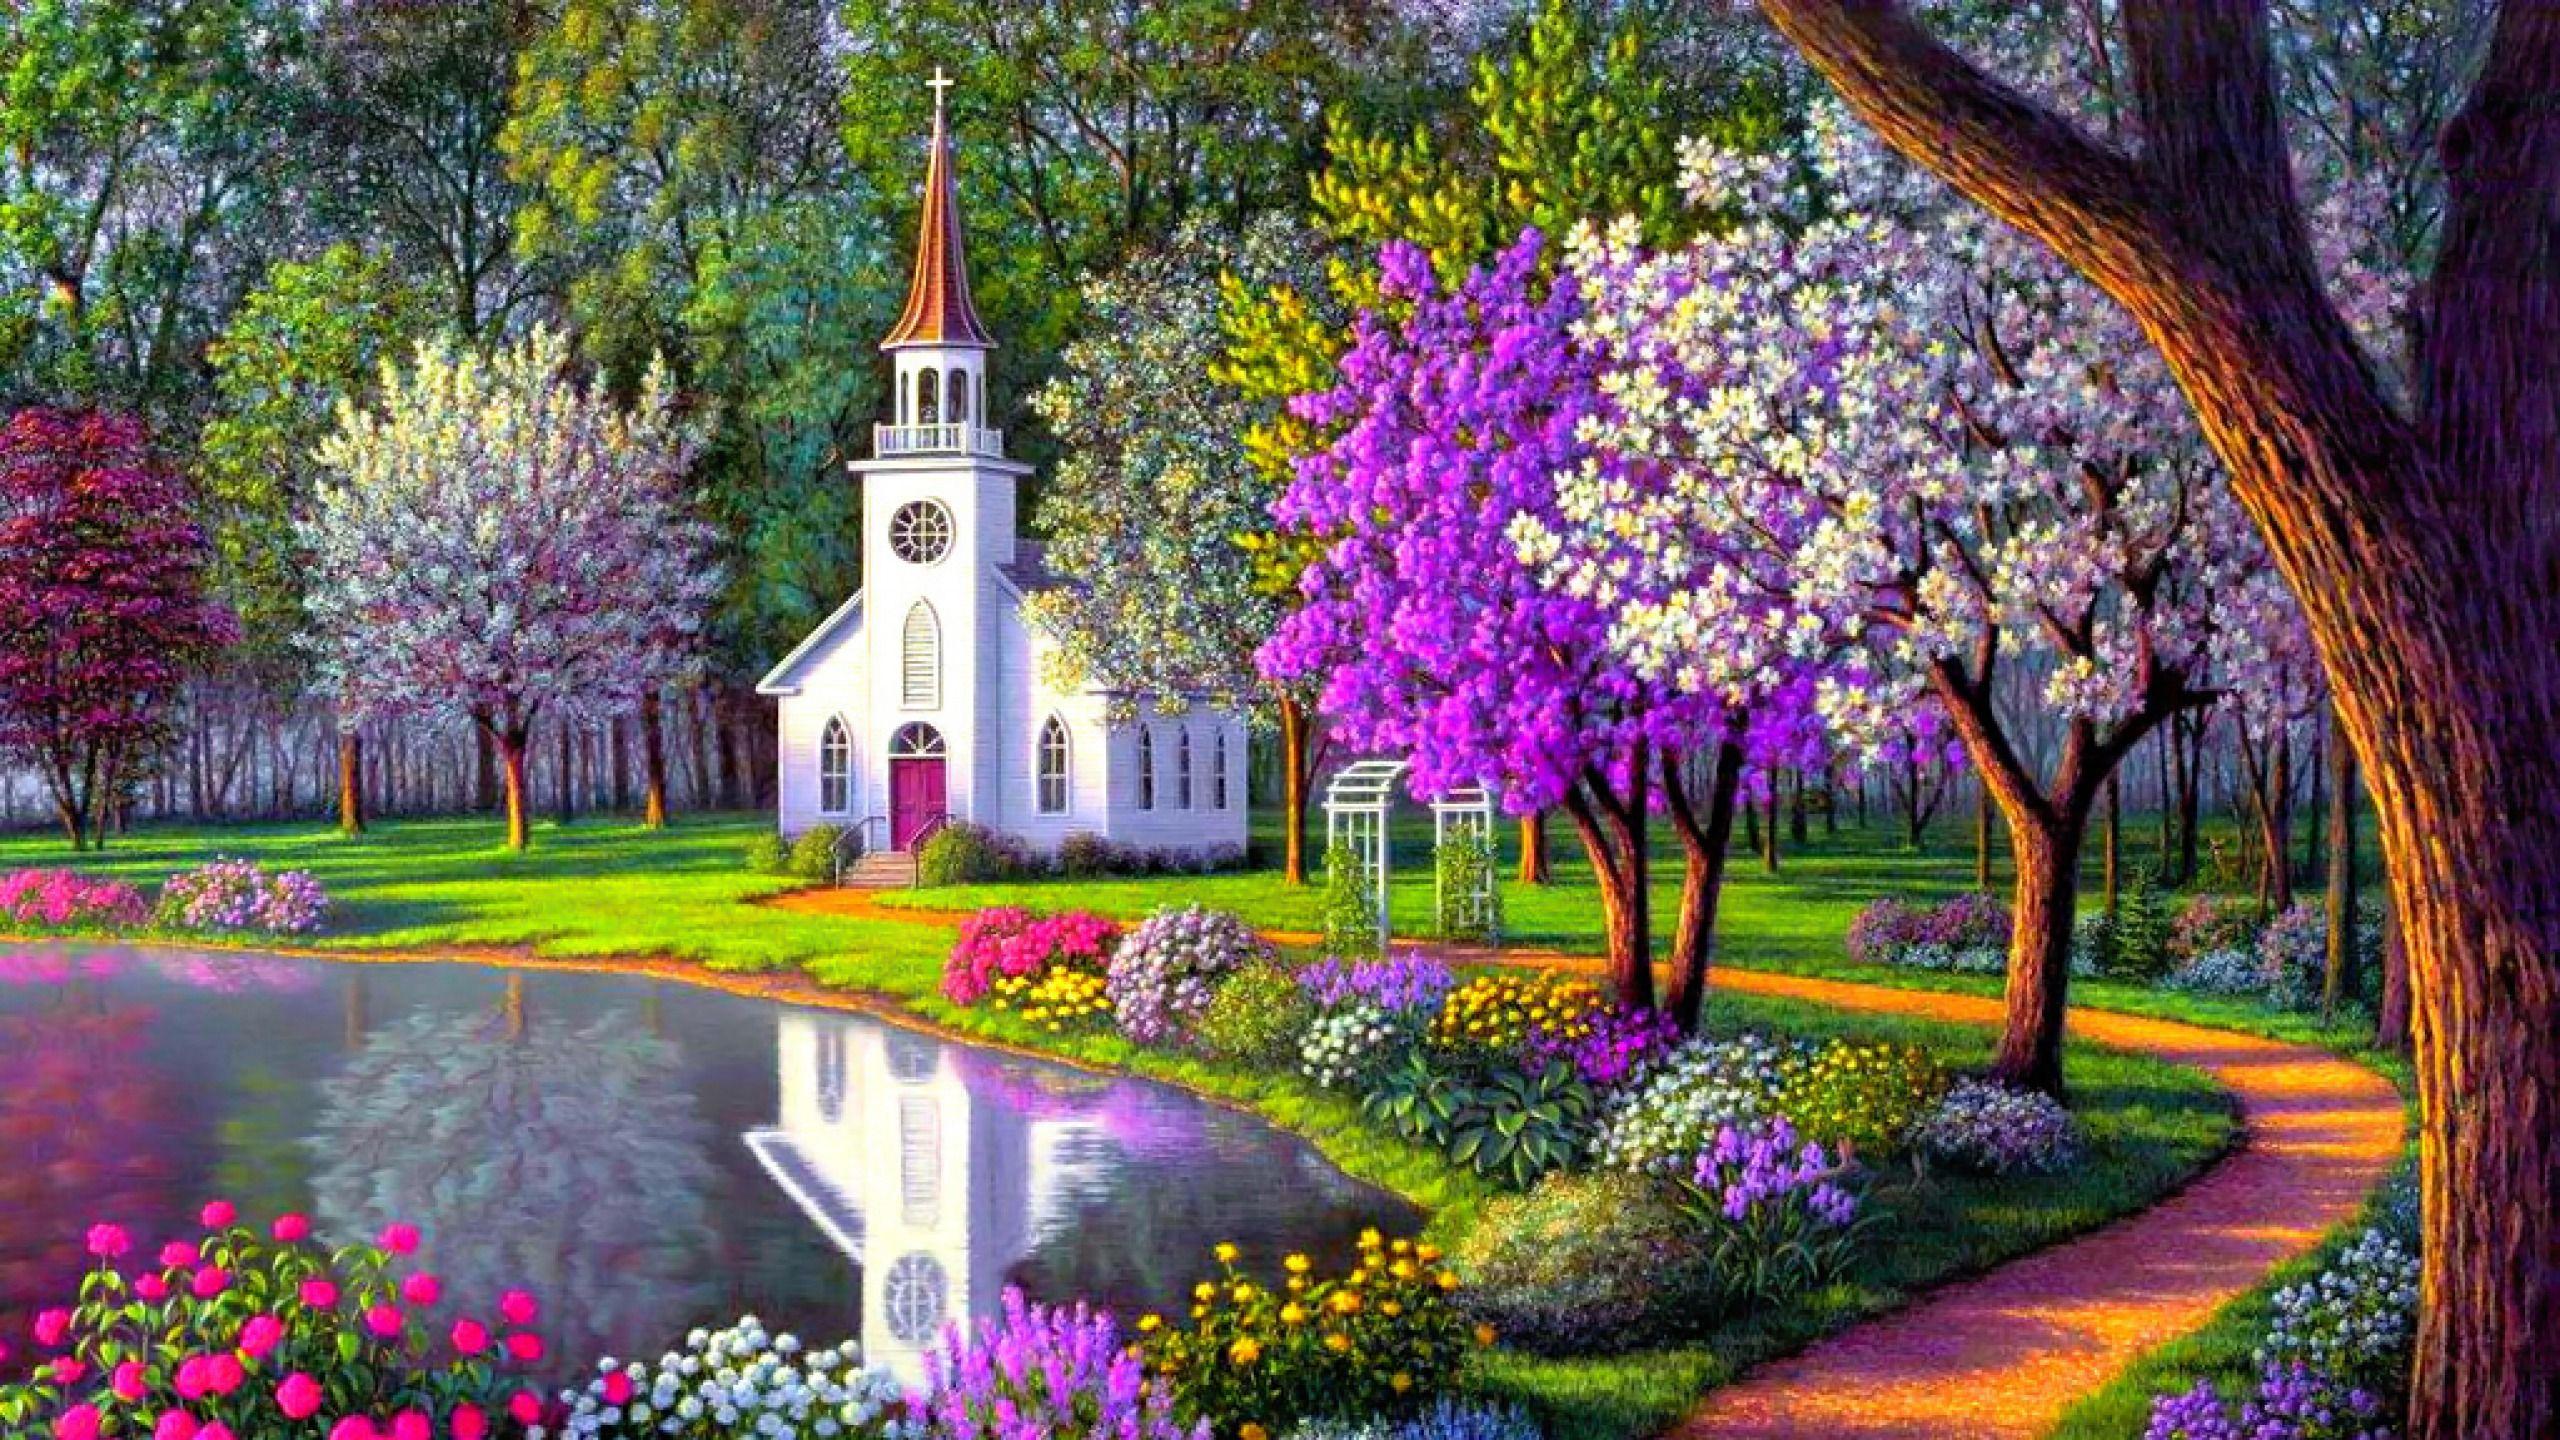 Immagini di primavera cerca con google primavera for Immagini primavera desktop